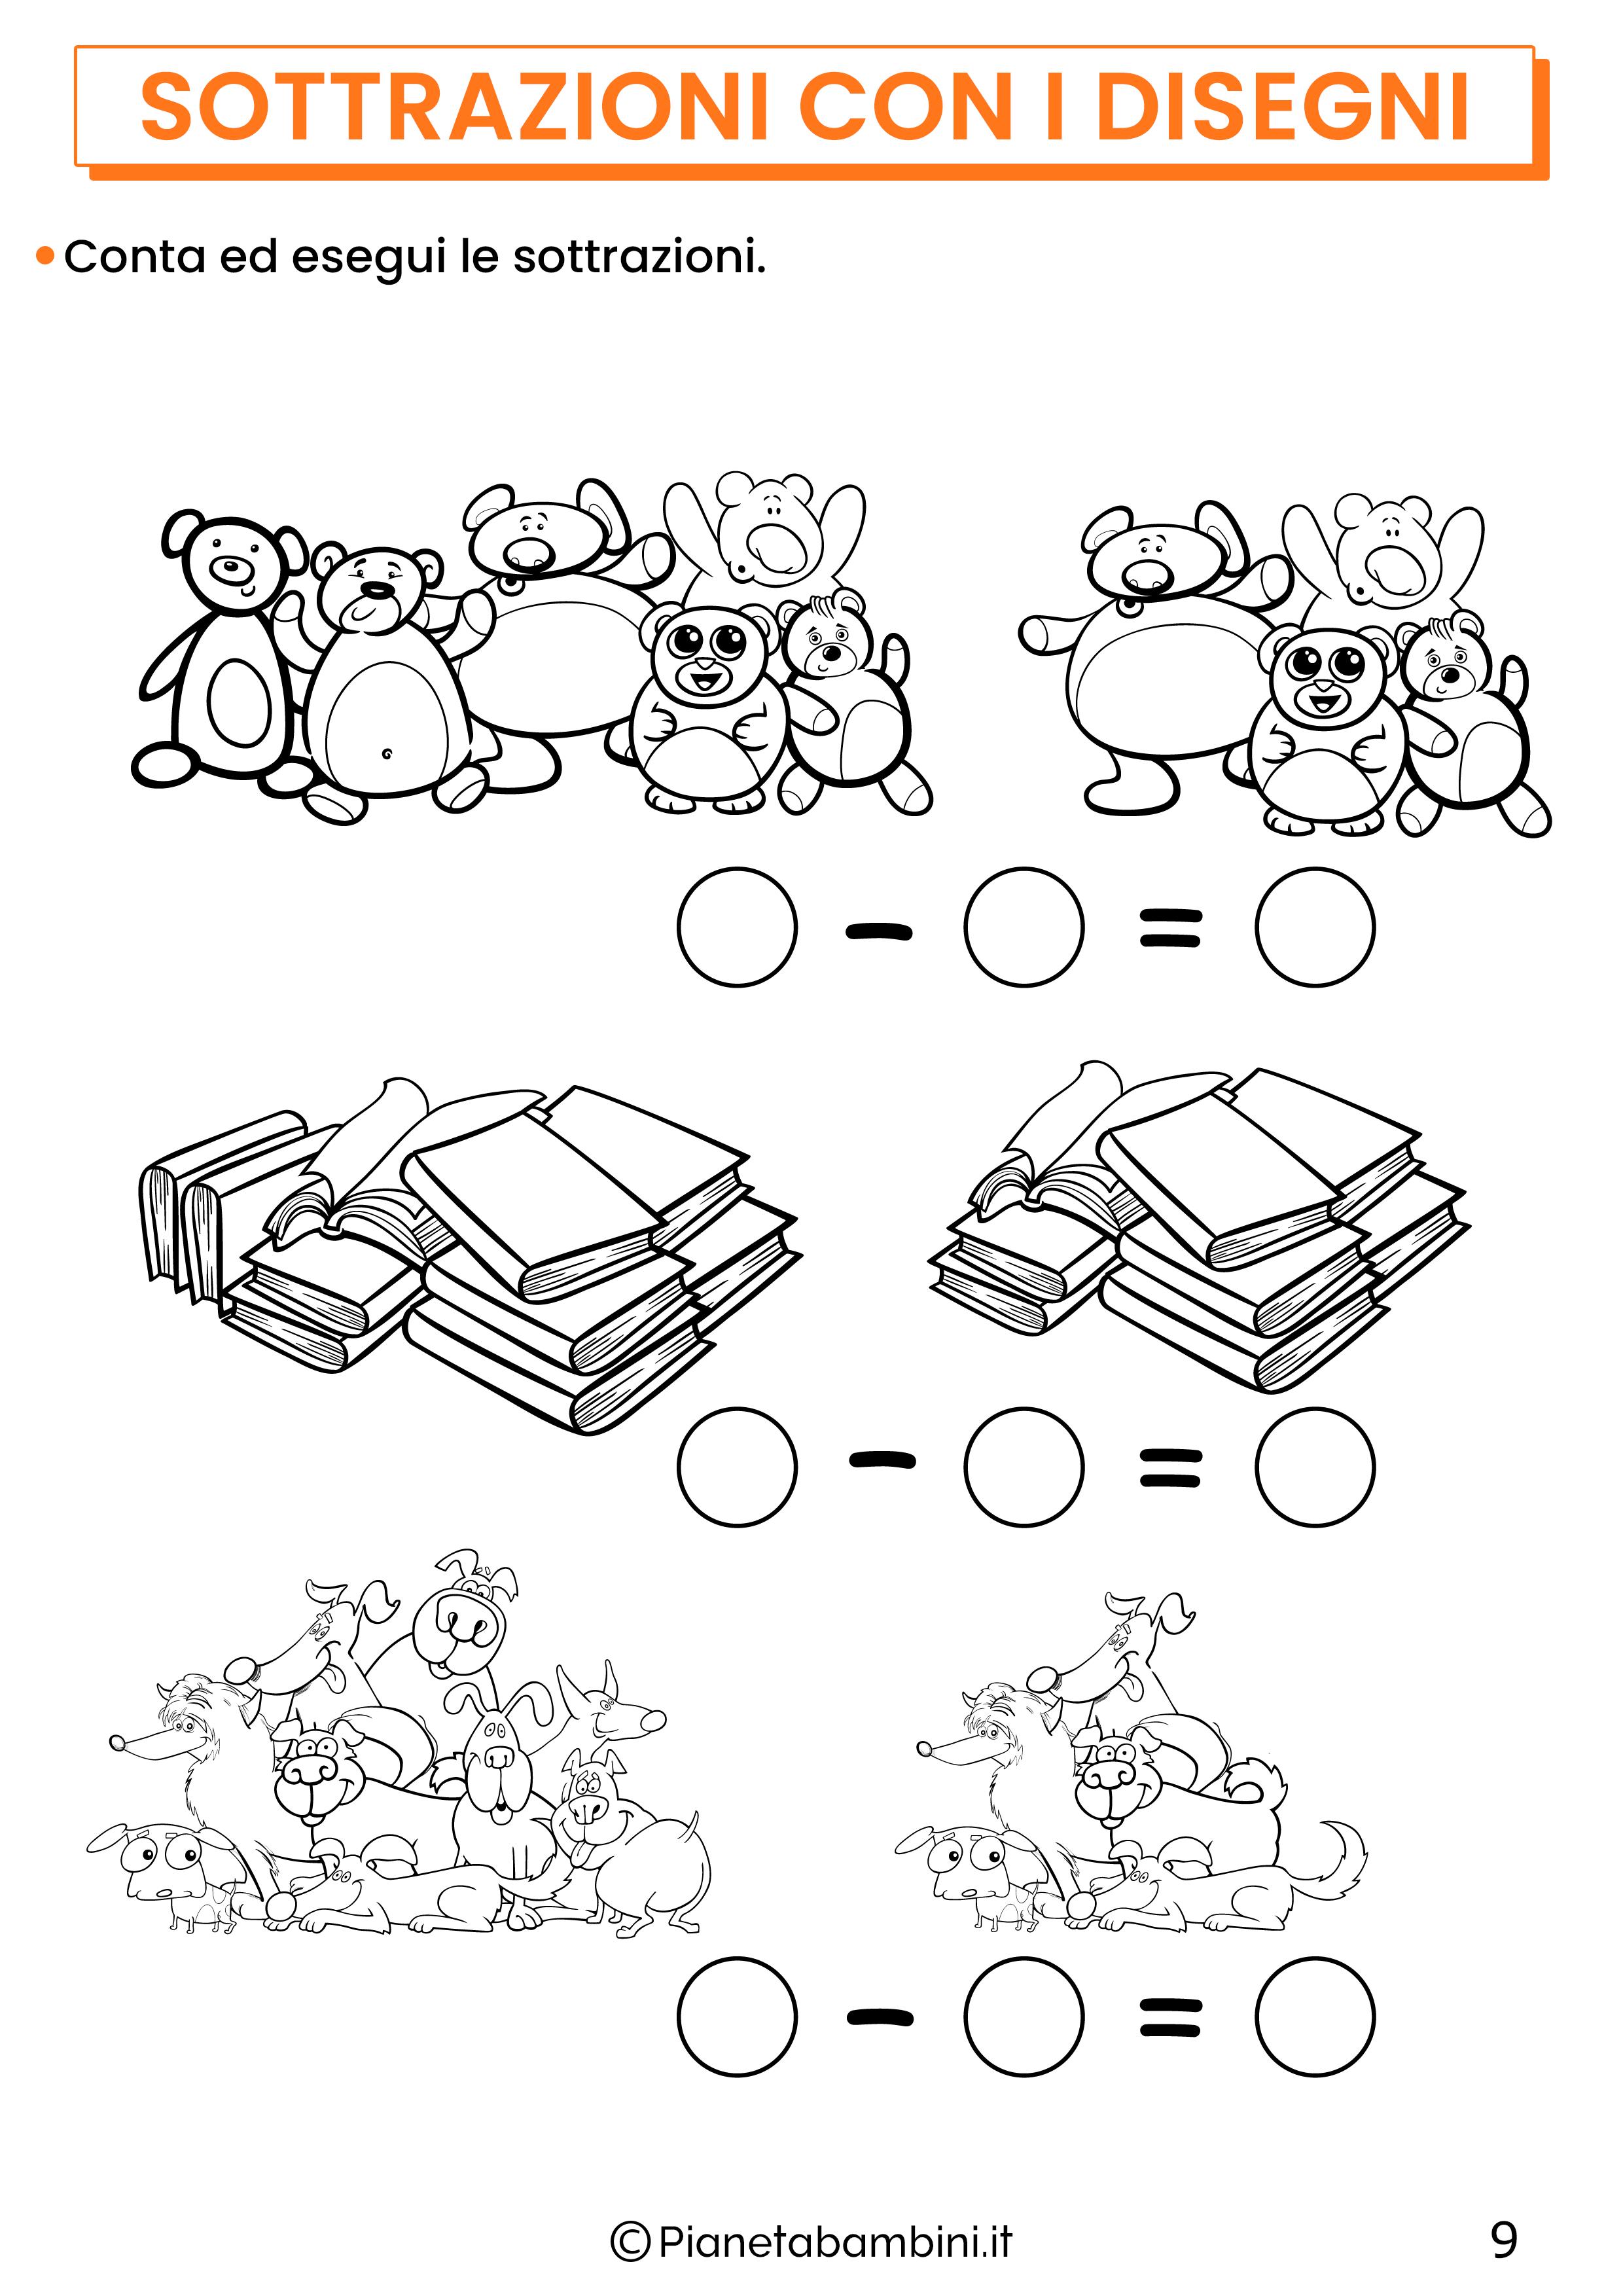 Sottrazioni con disegni per la classe prima pagina 9